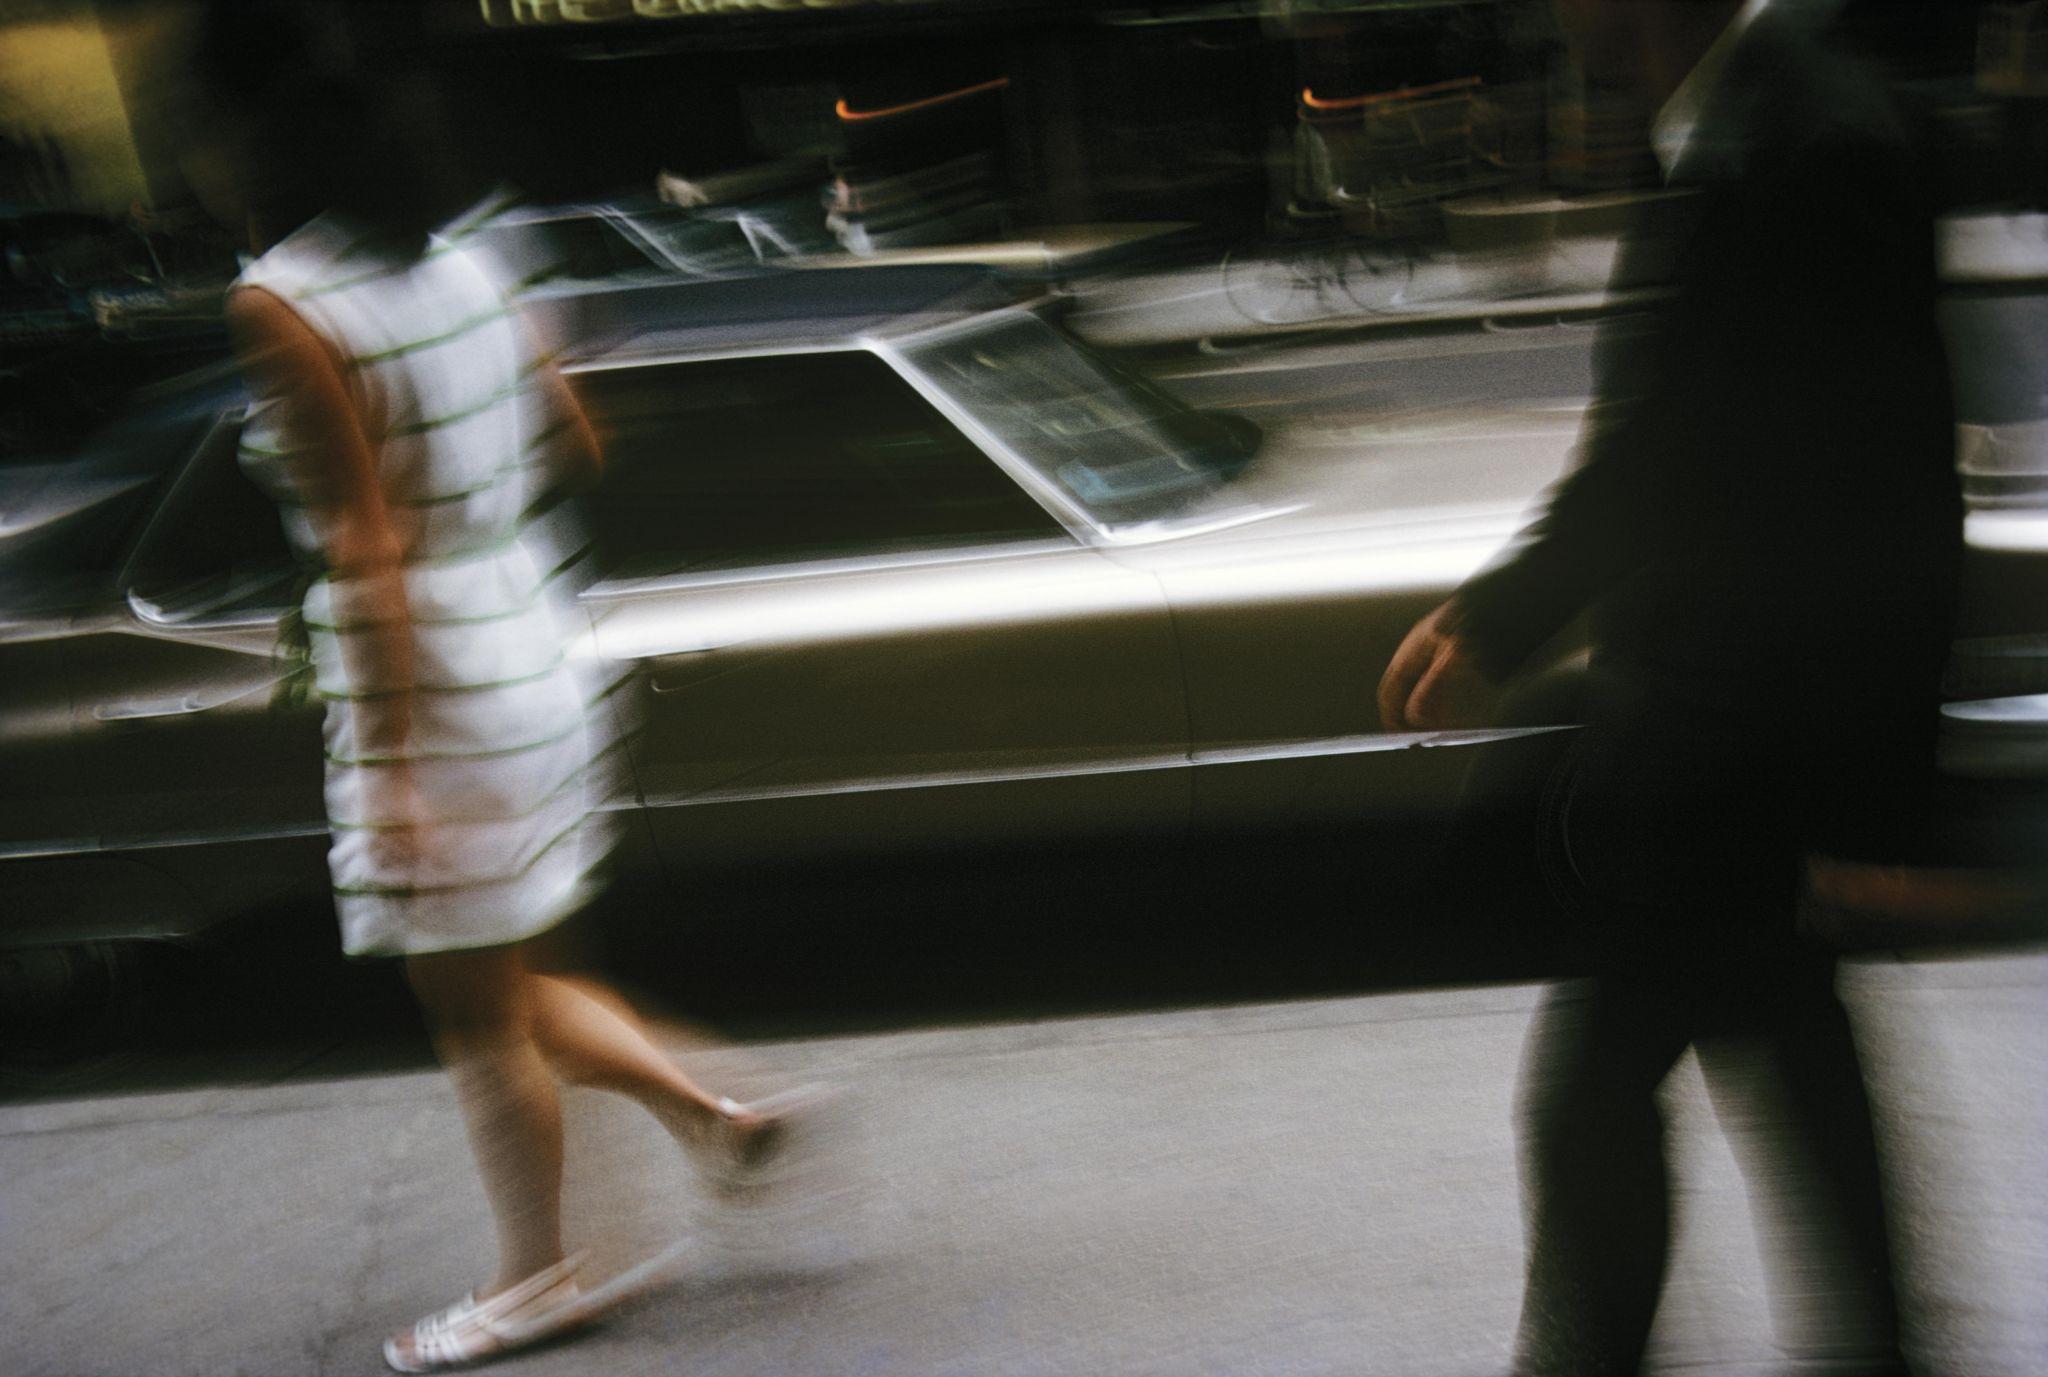 Nova York, 1969 - 1970, Mário Cravo Neto